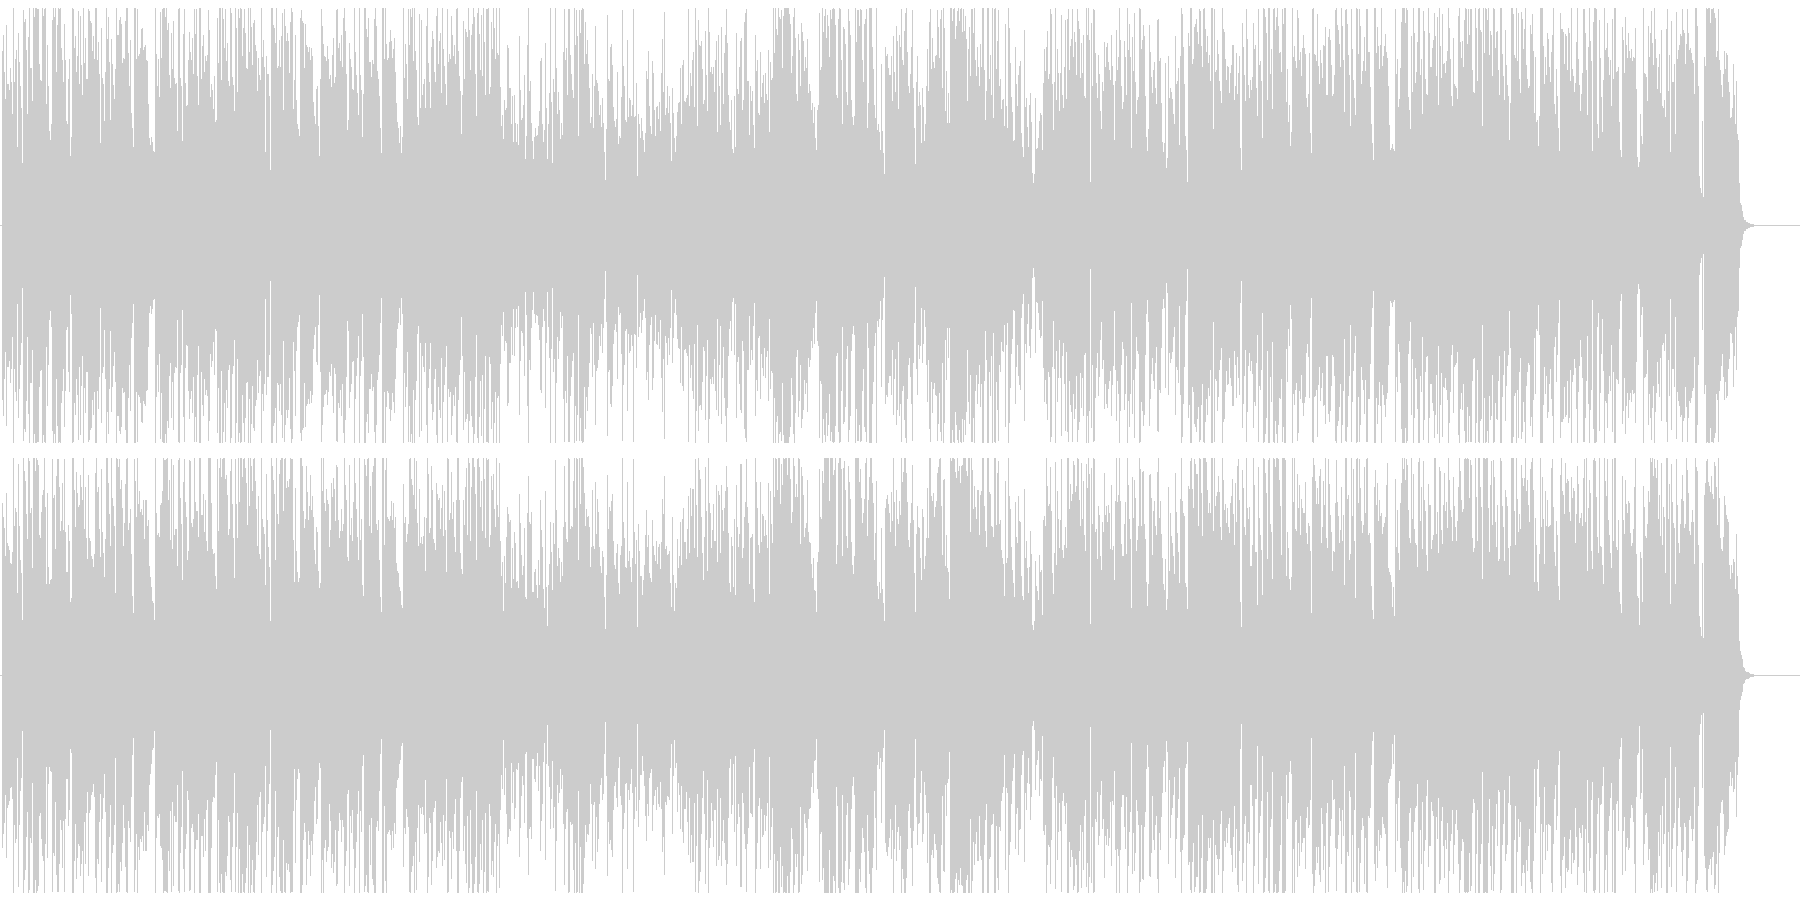 50年代風のジャズブルース サックス生録の未再生の波形